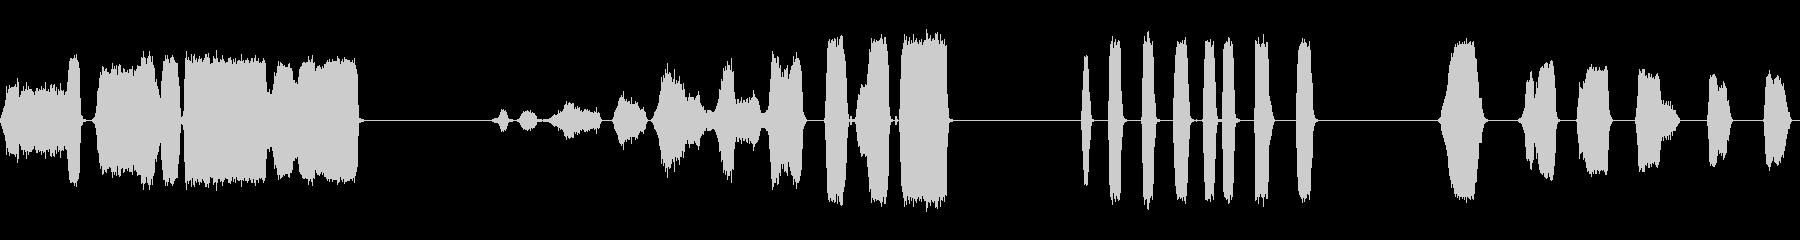 AIR、HISS、4バージョン; ...の未再生の波形